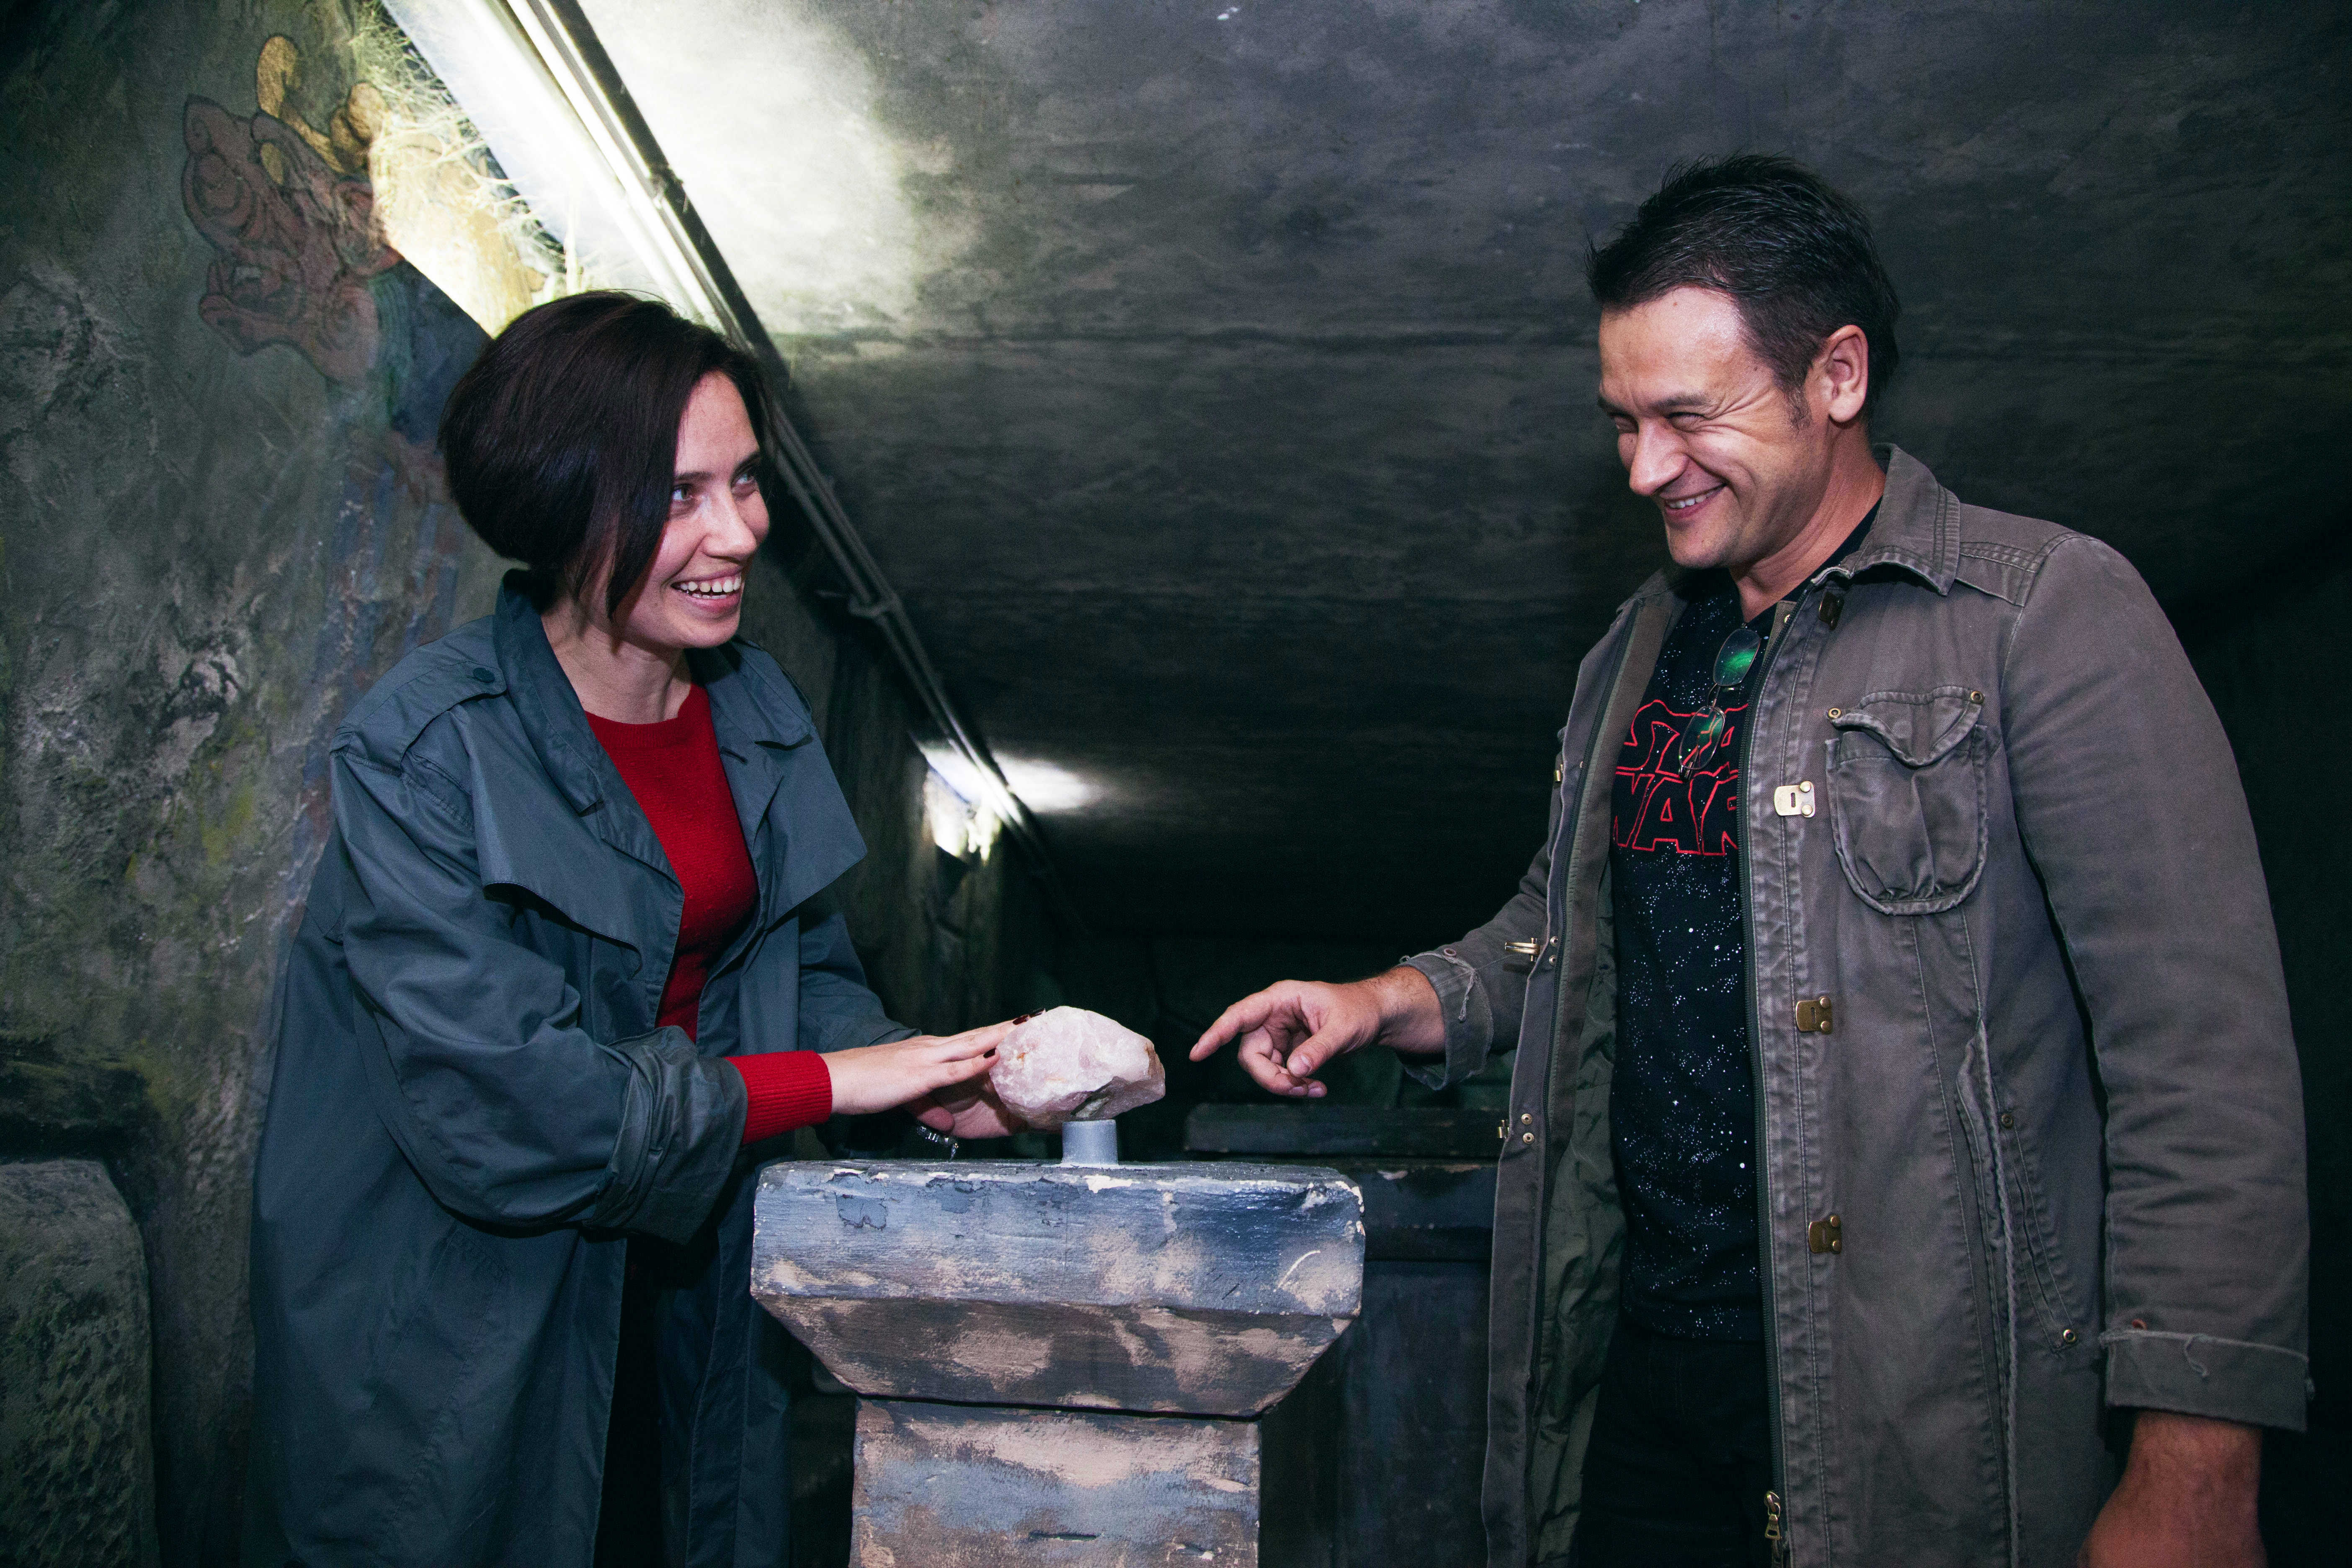 Романтический ужин в подземелье от сервиса романтики Альтечо (5)